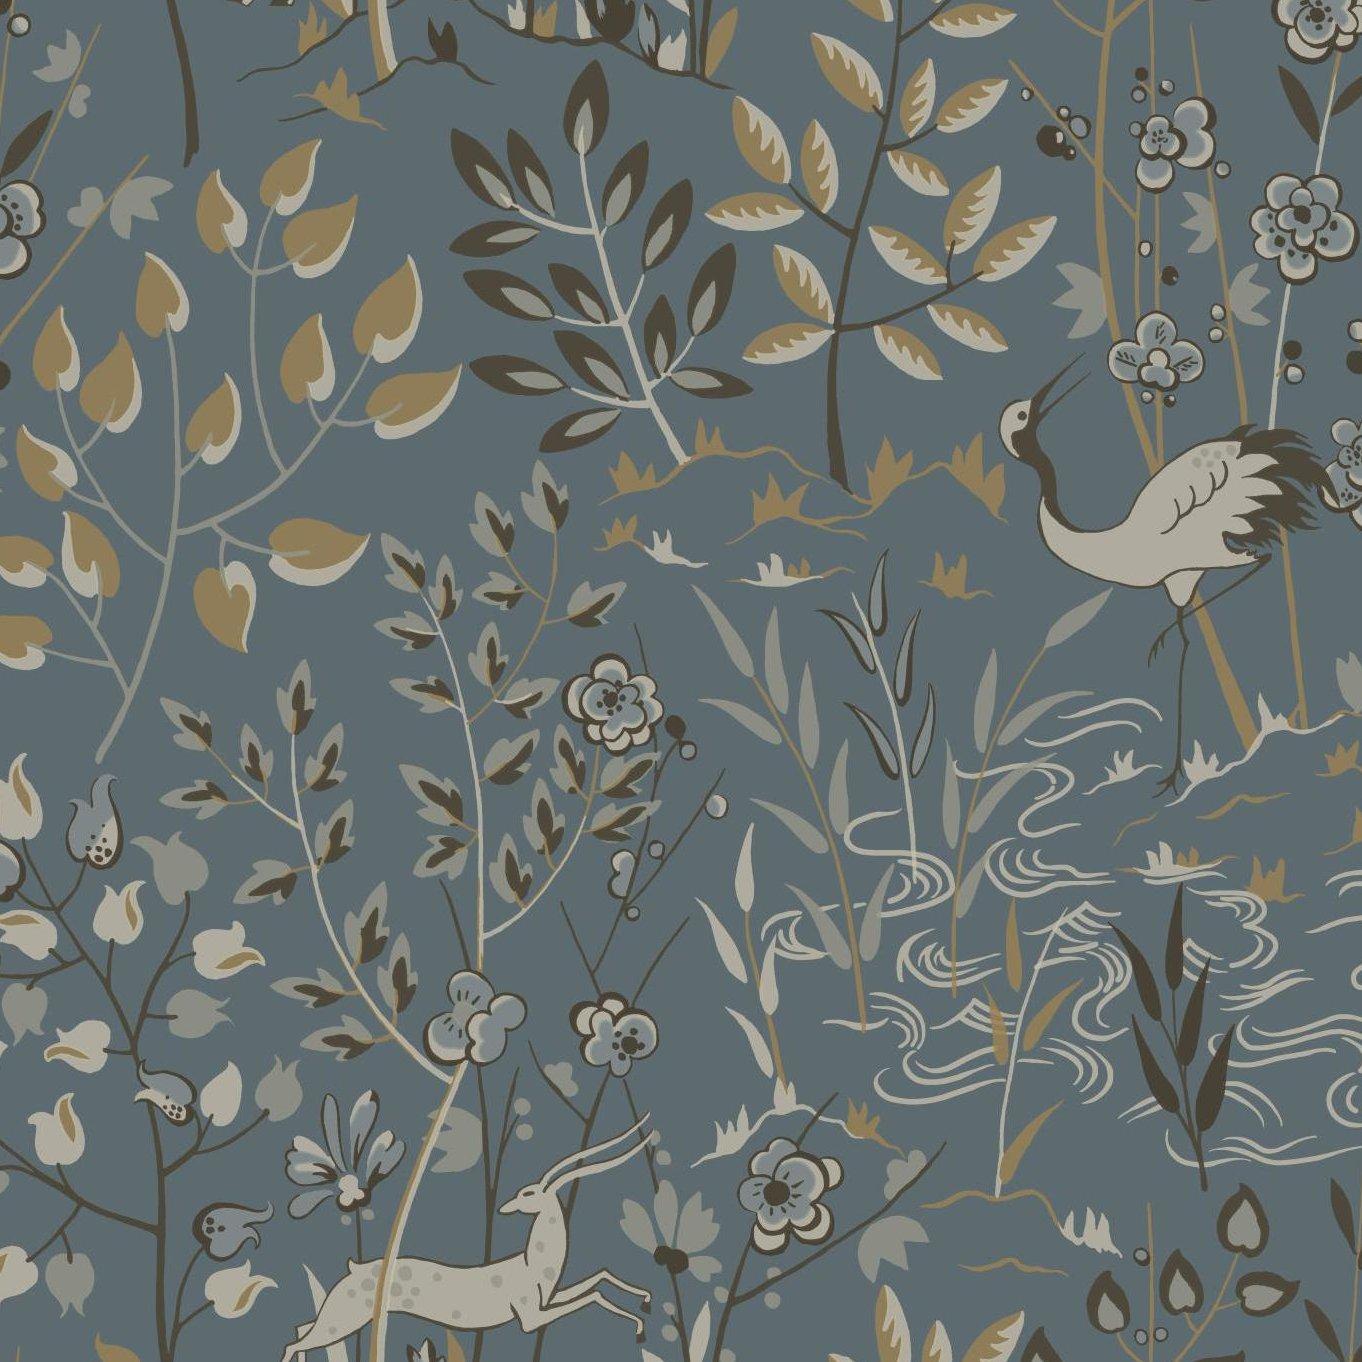 Aspen Tree All Wallpaper Wayfair 1362x1362